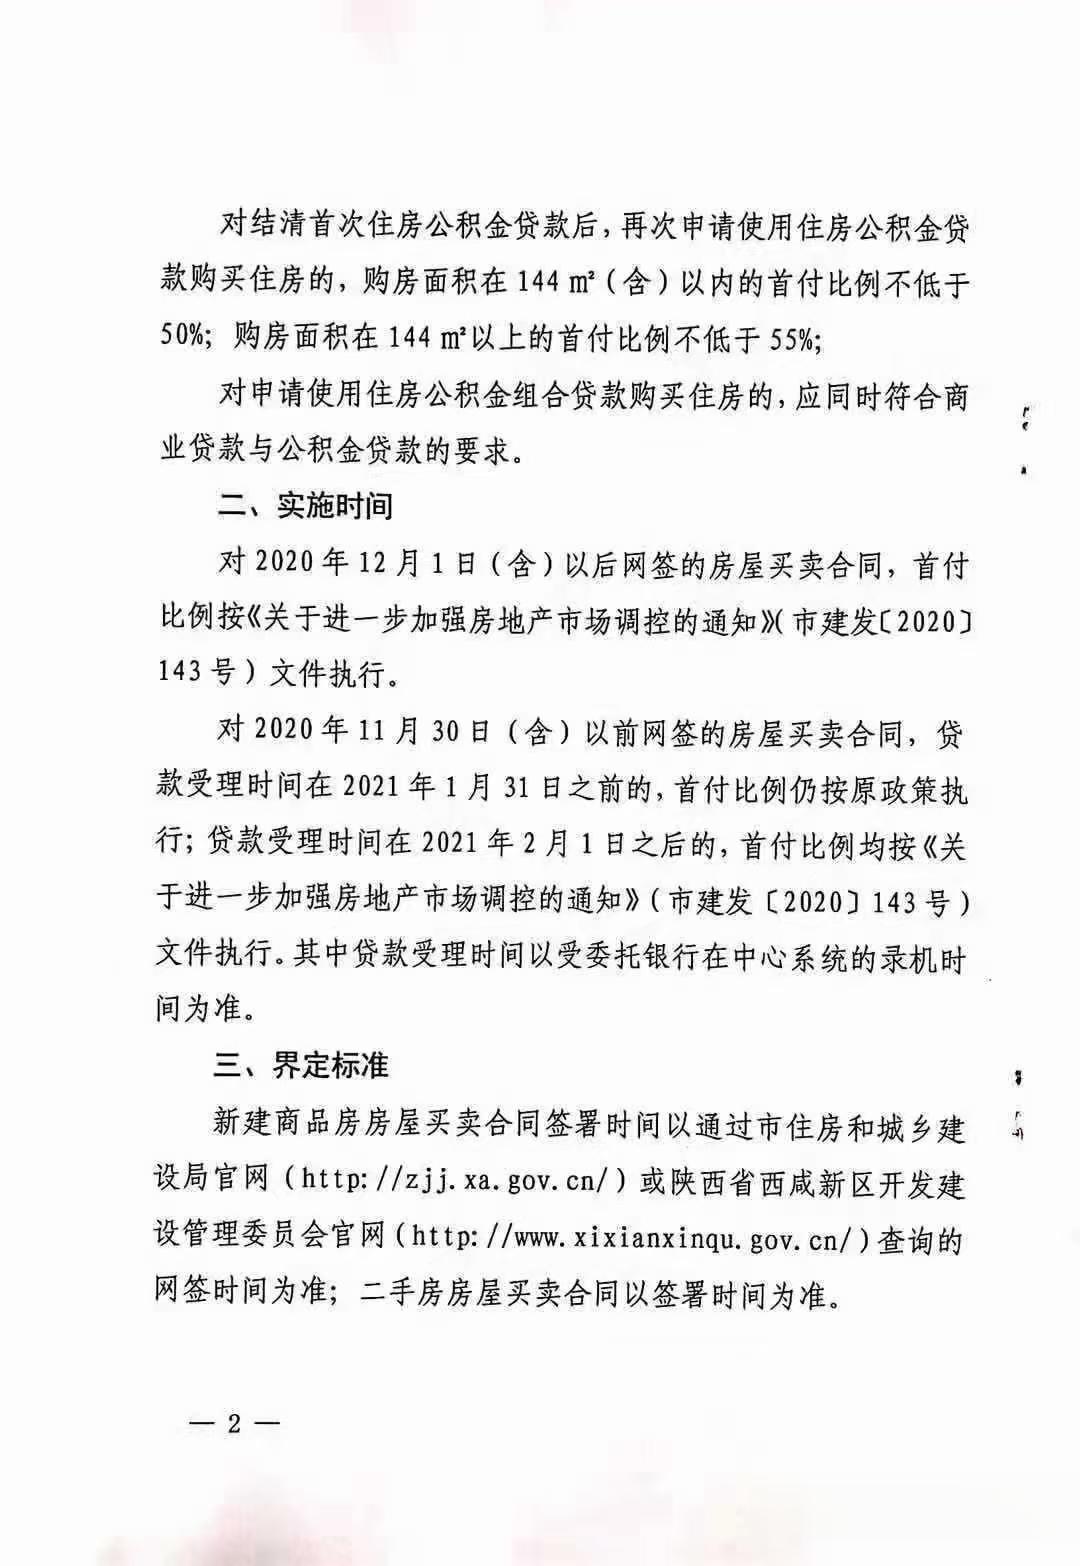 新政后, 西安公积金贷款怎么用? 官方细则来了